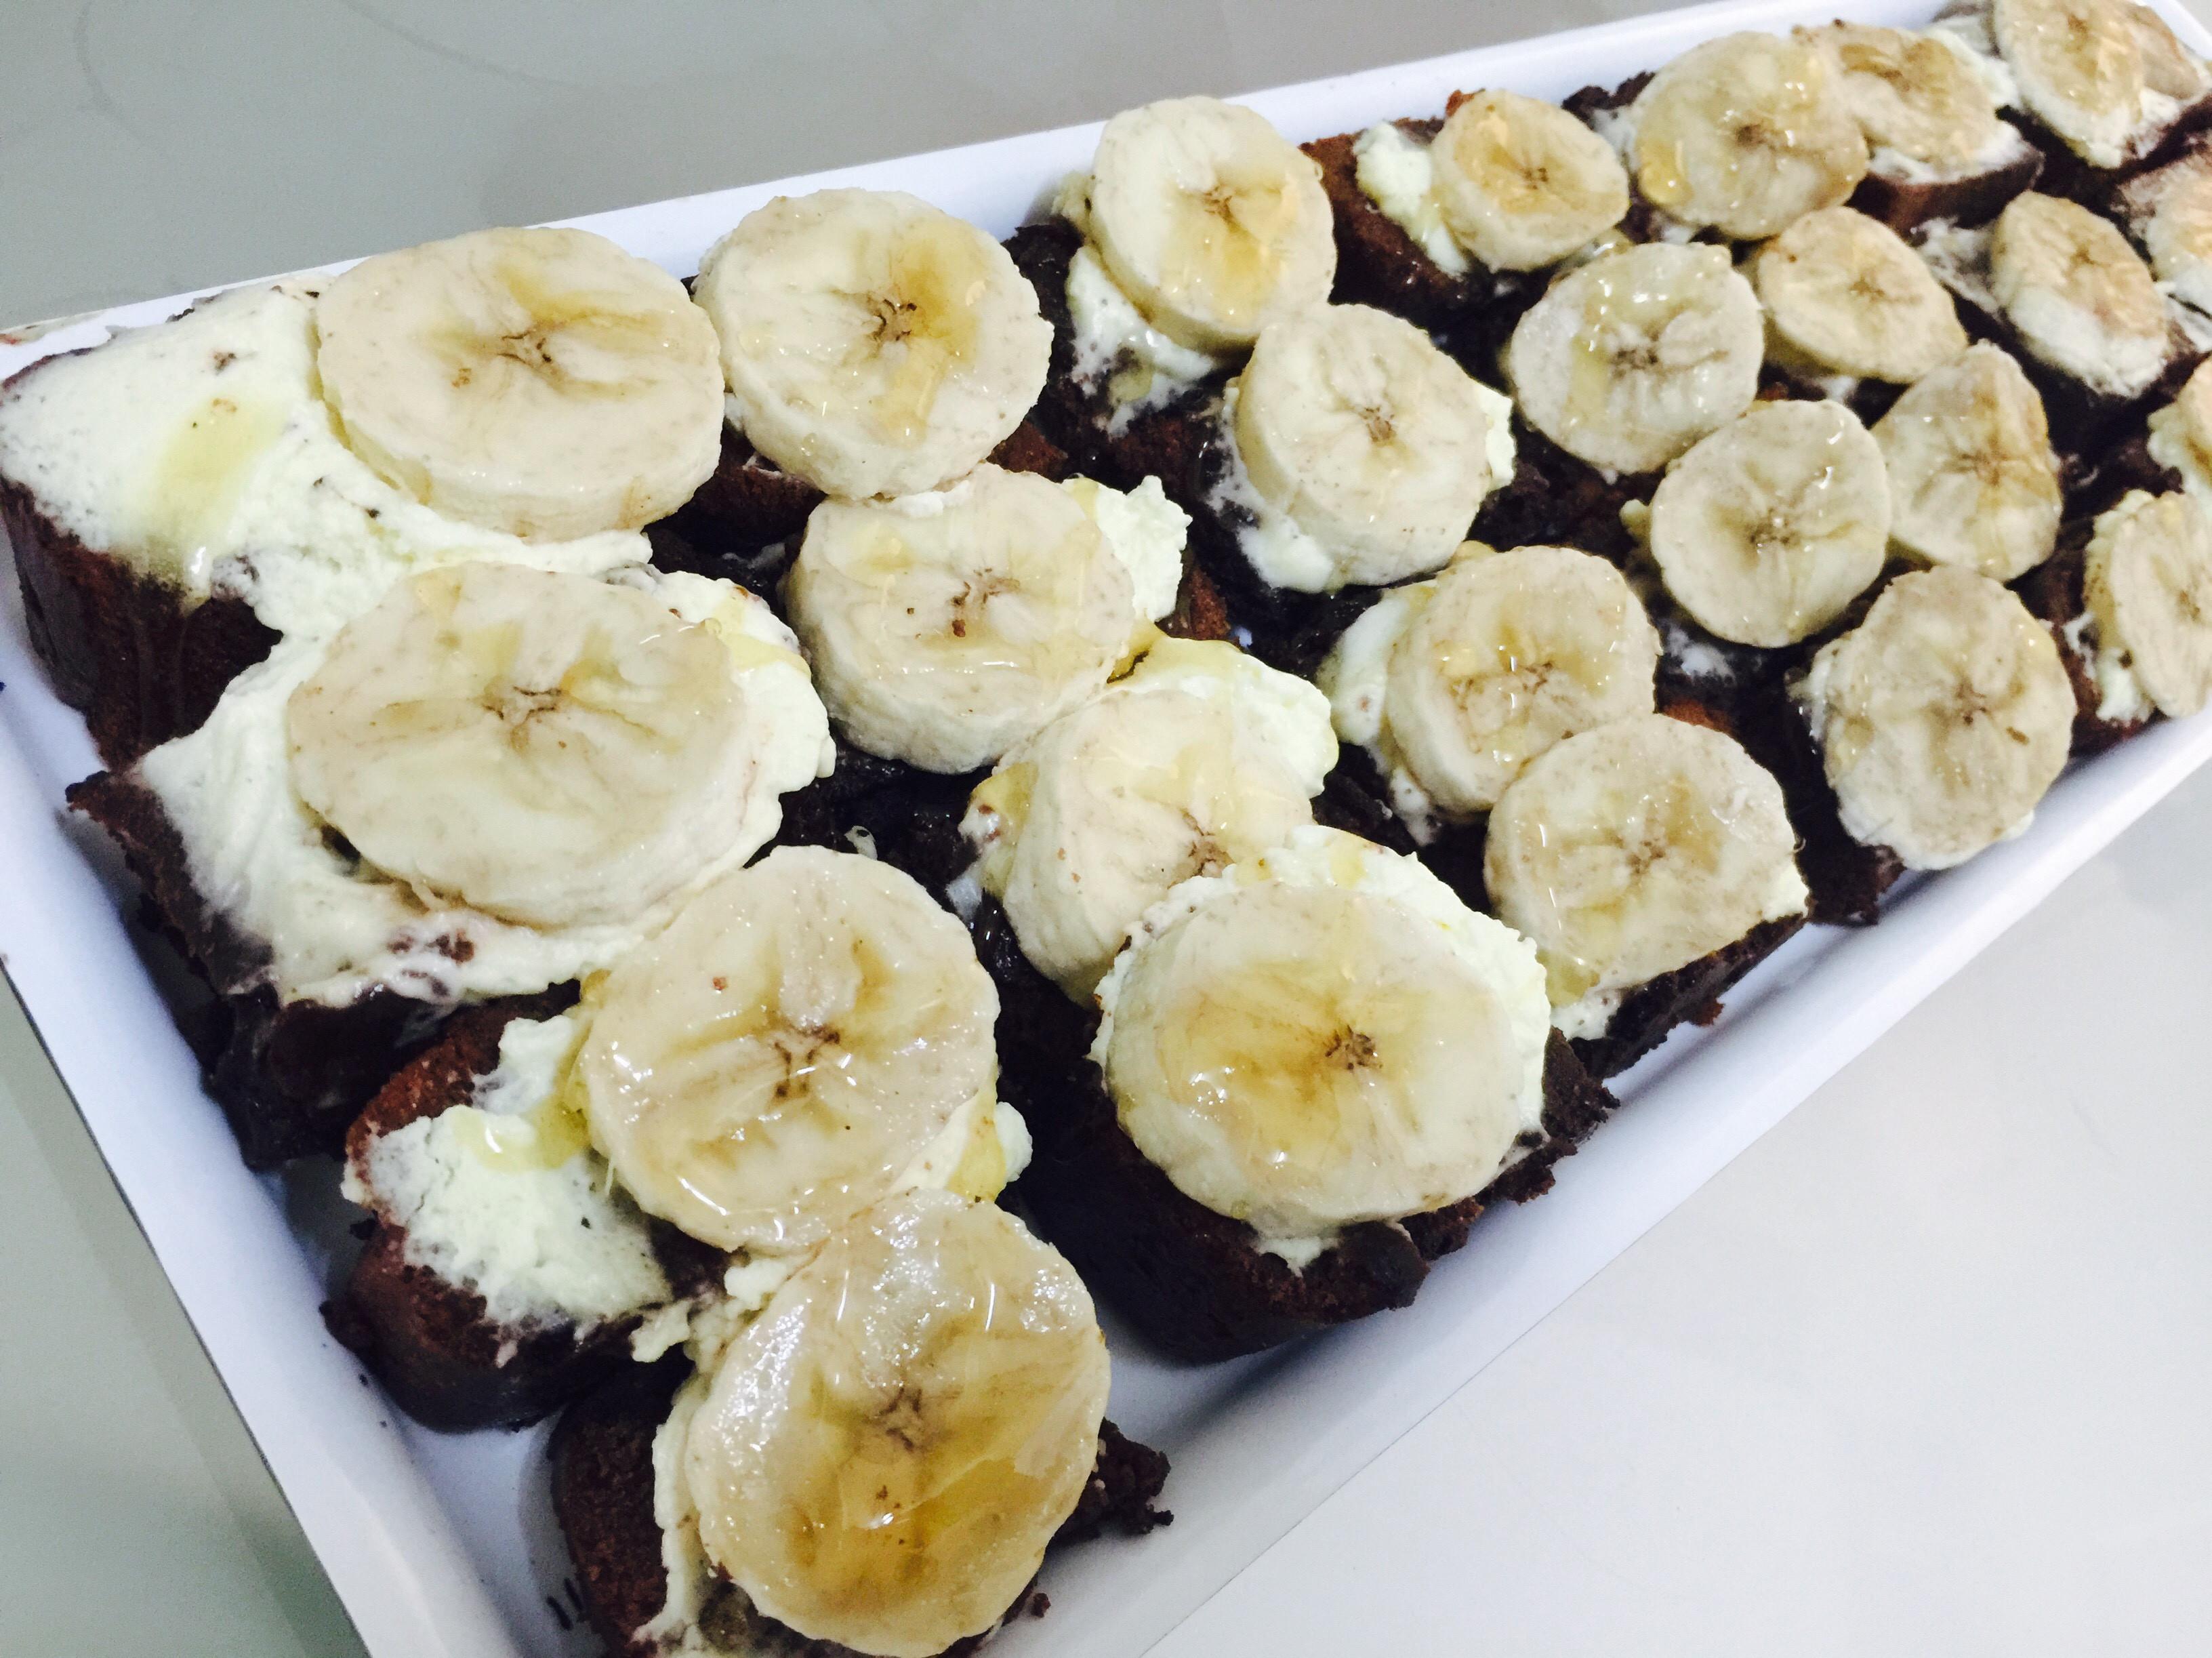 趴踢甜點:焦糖香蕉鮮奶油布朗尼